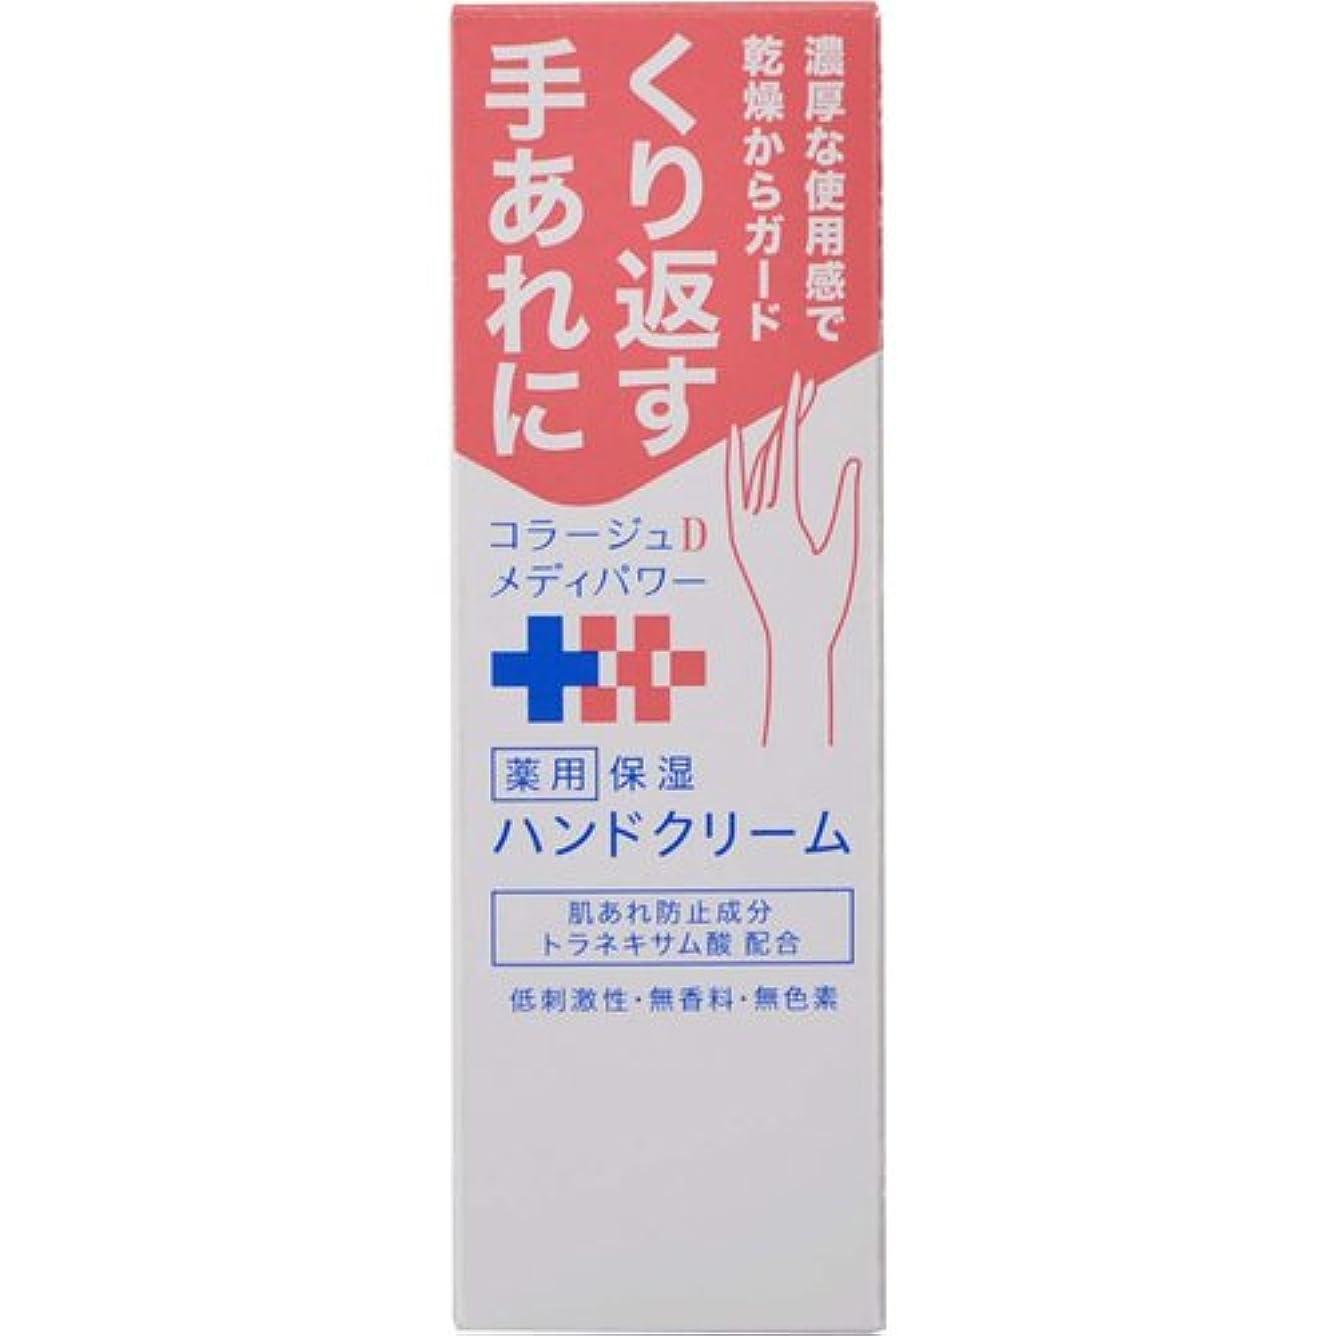 脅迫純粋な明日コラージュ D メディパワー 保湿ハンドクリーム 30g 【医薬部外品】